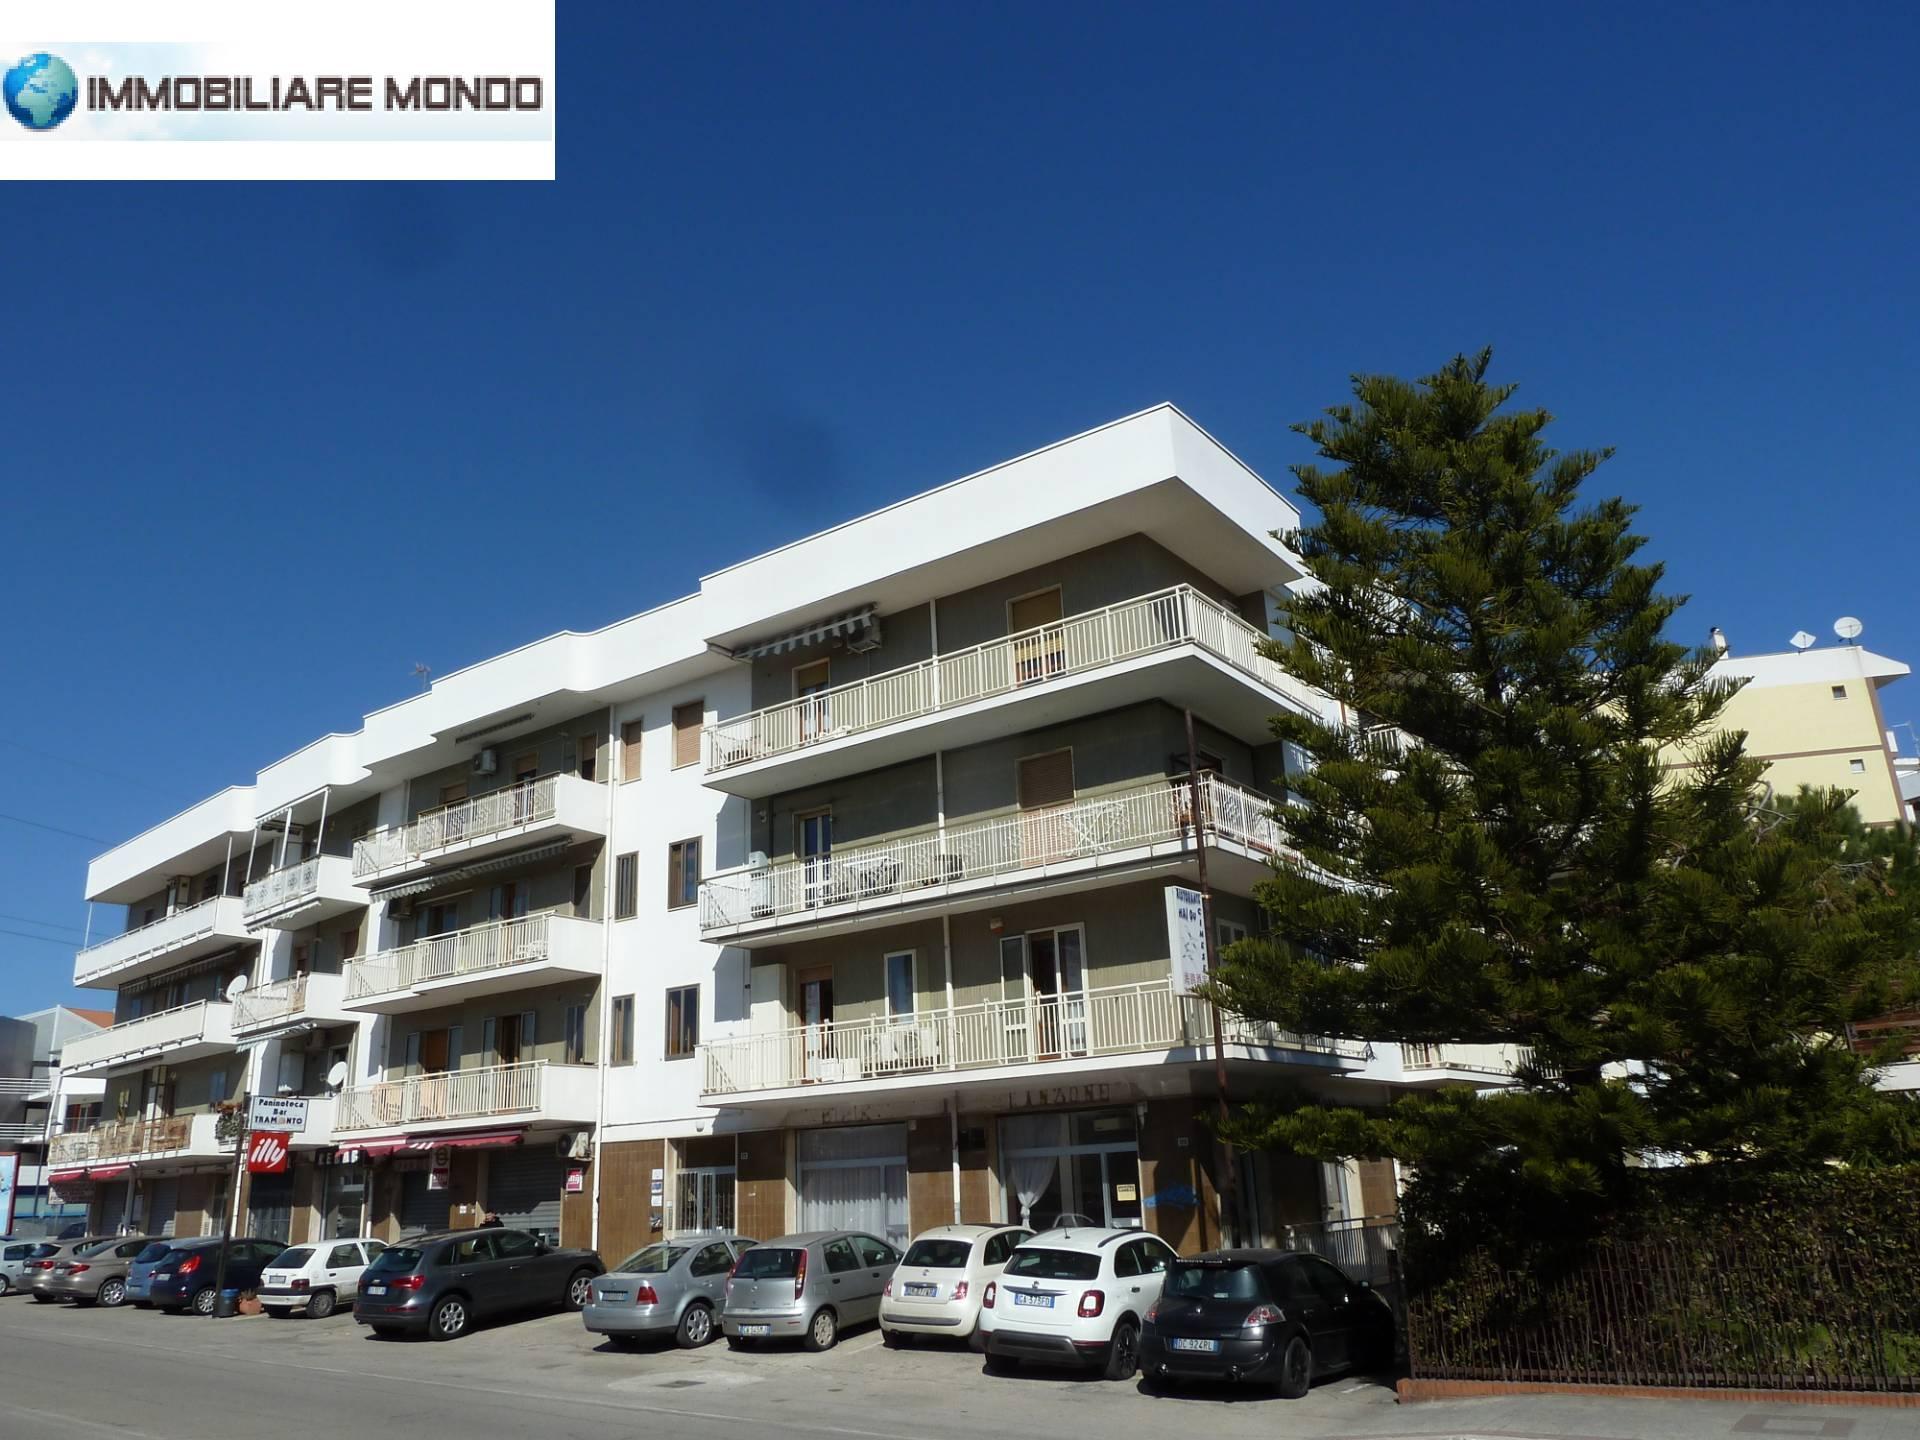 Appartamento in vendita a Termoli (CB)